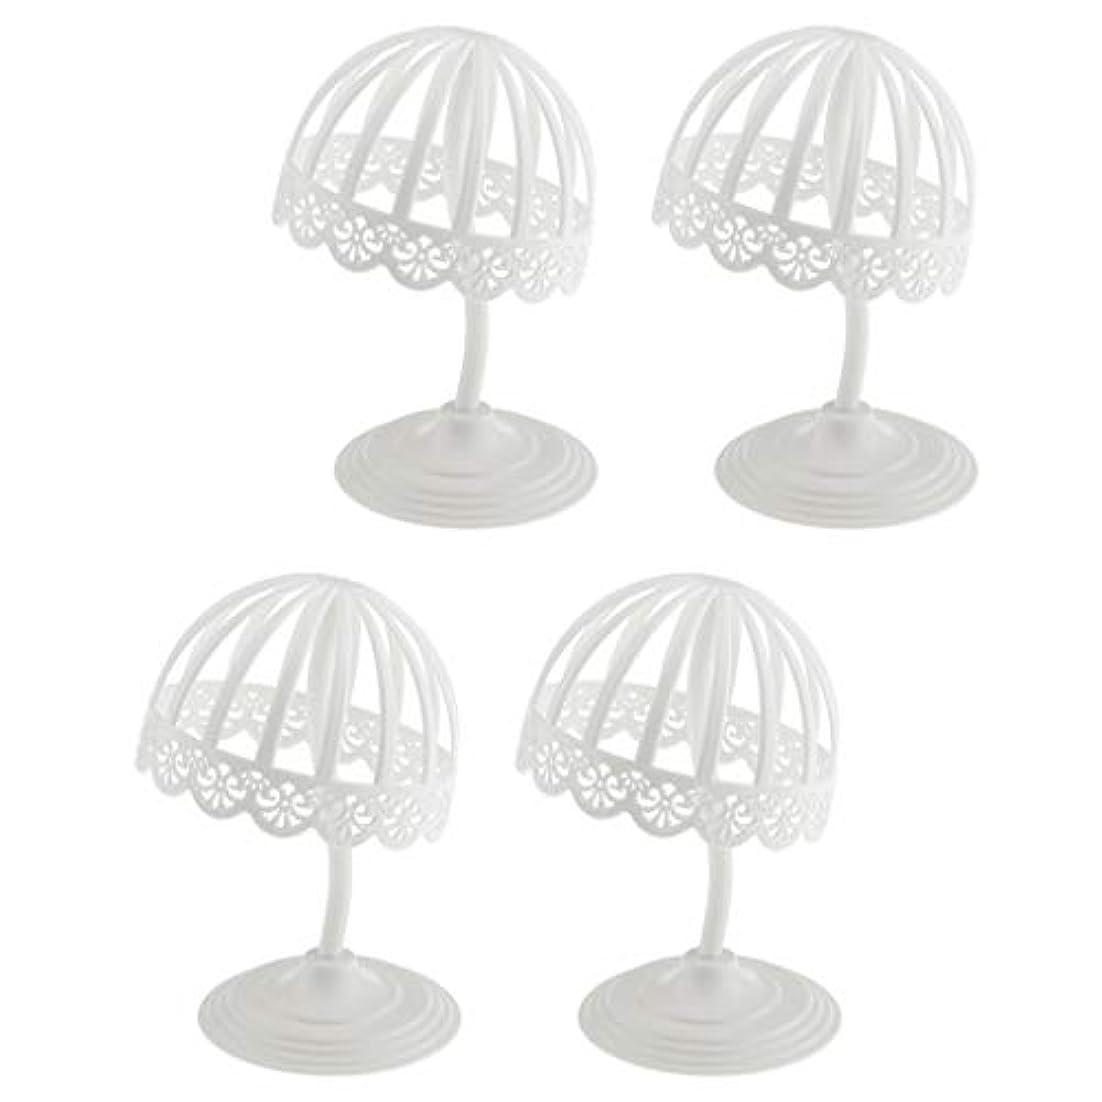 財産規制する気まぐれな4個セット ウィッグ スタンド 帽子 収納 ディスプレイ ホルダー プラスチック製 ホワイト